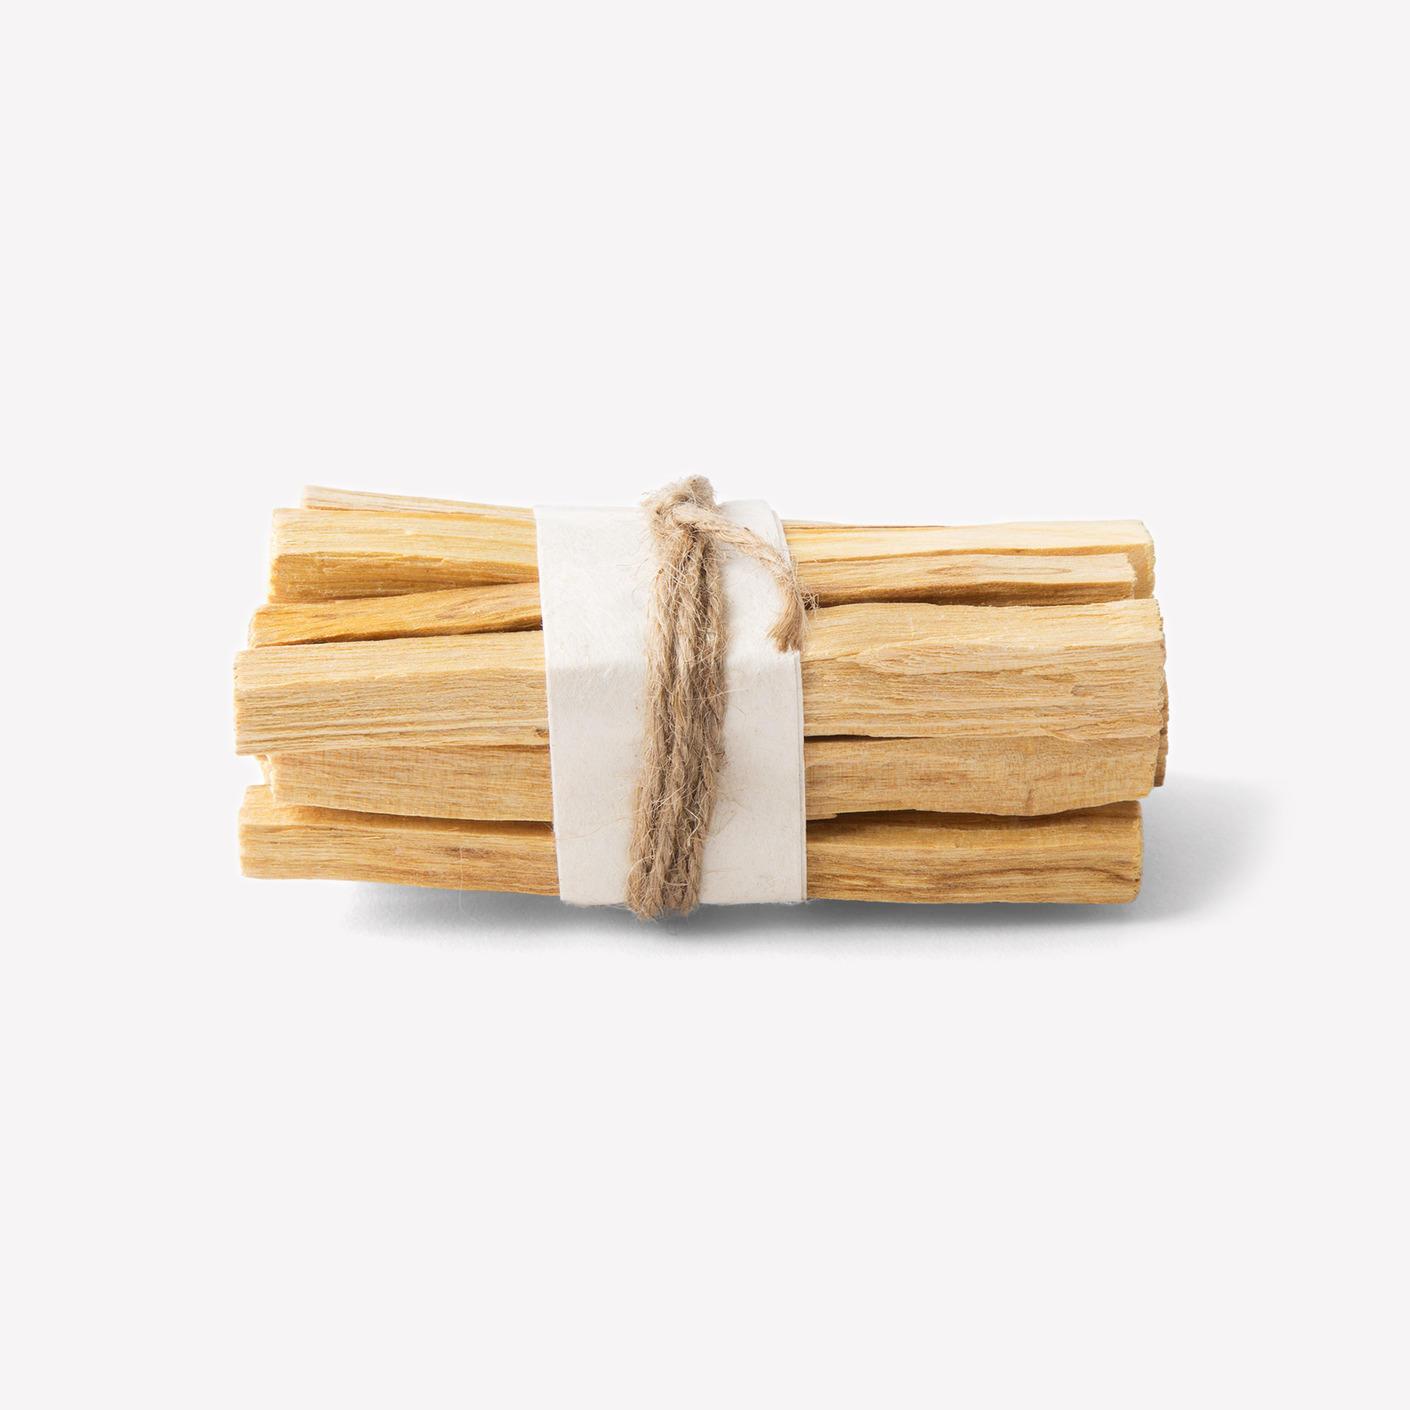 ns-1-gray-incausa-peruvian-palo-santo-wood-sticks-1.jpg